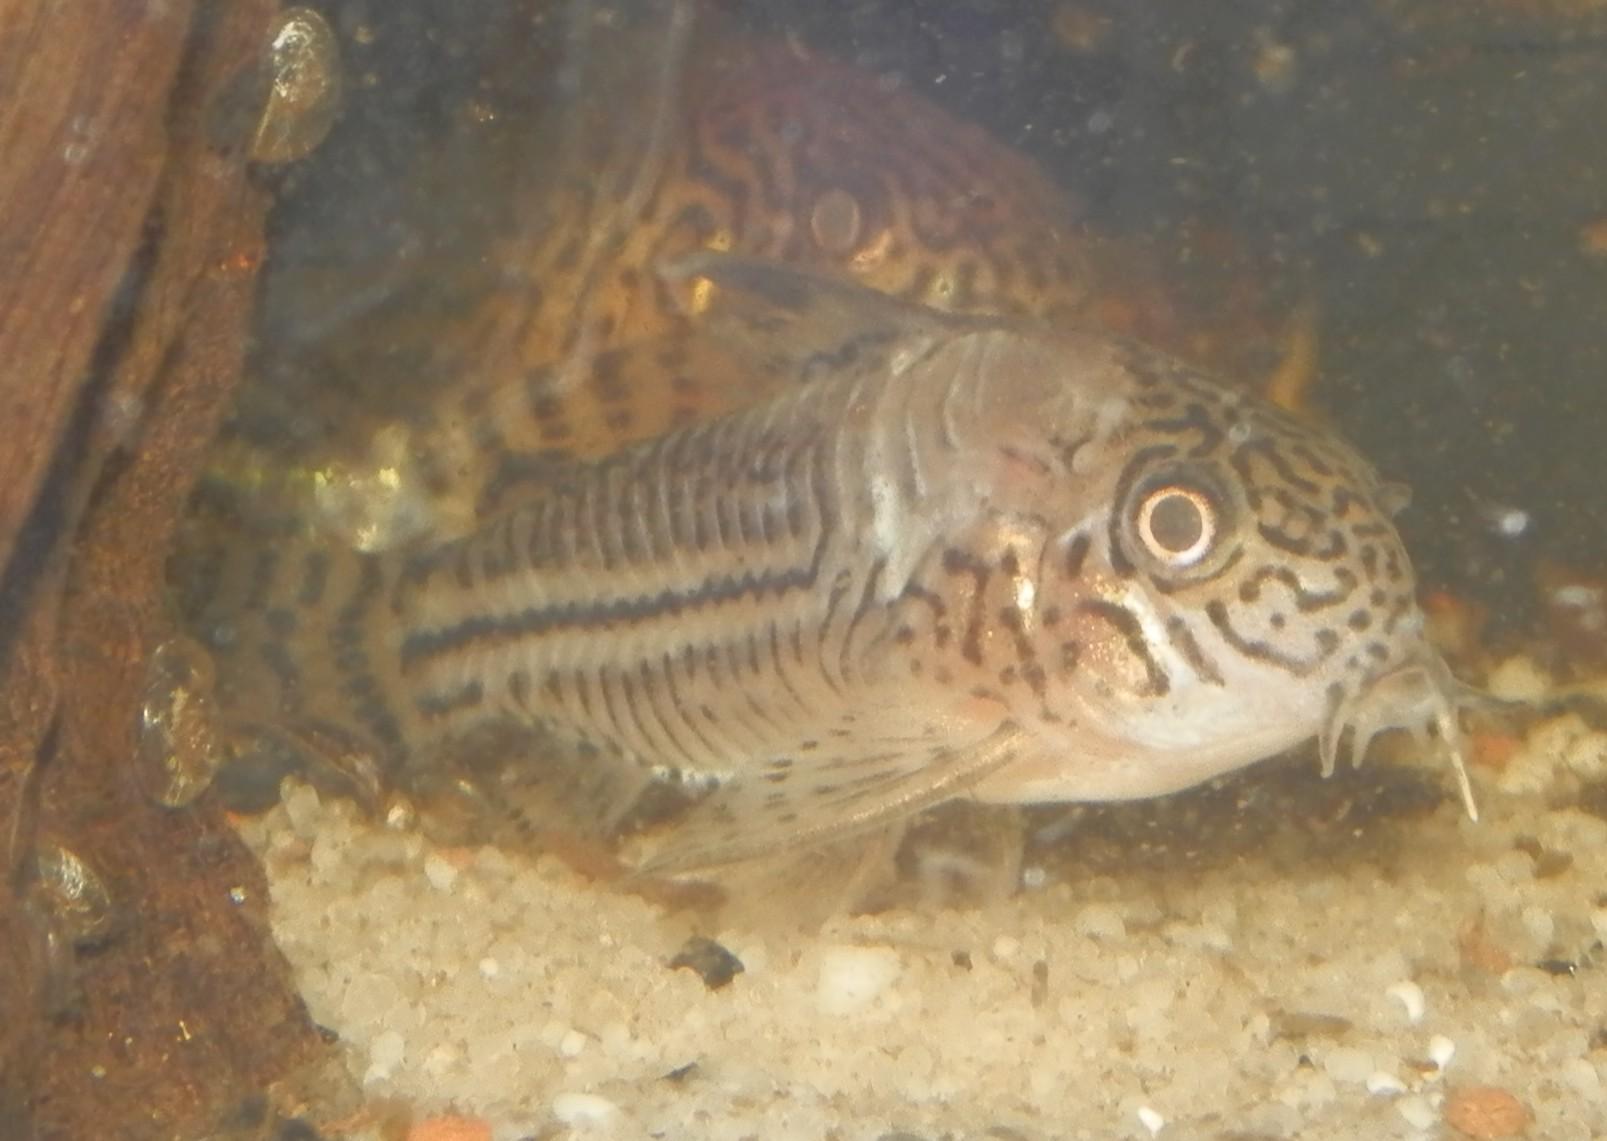 Reprise de l'aquariophilie - Démarrage d'un 180 litres 387205Sanstitre2